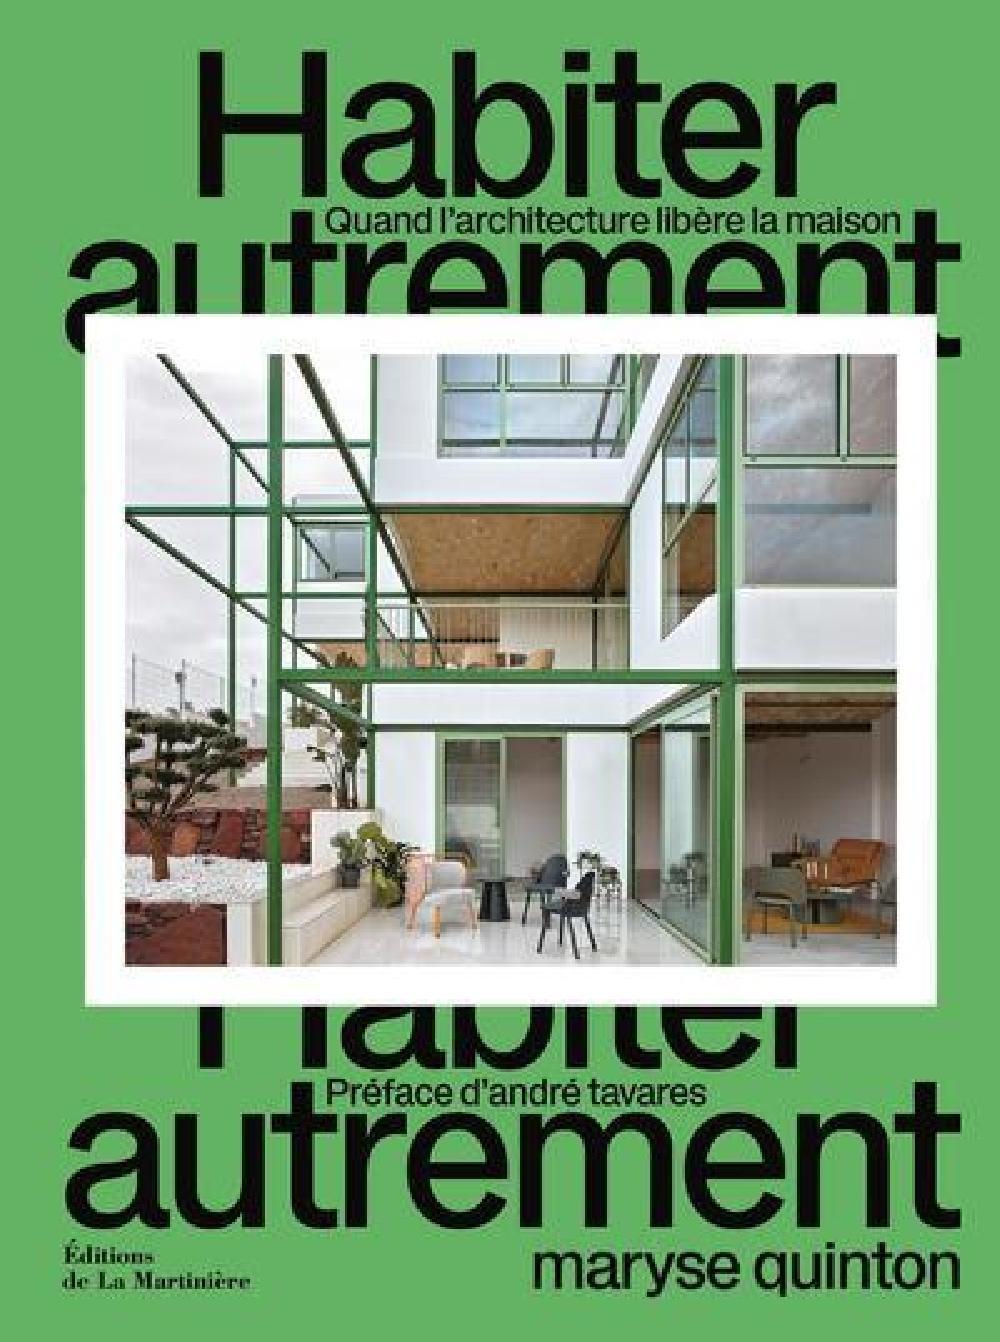 Habiter autrement - Quand l'architecture libère la maison